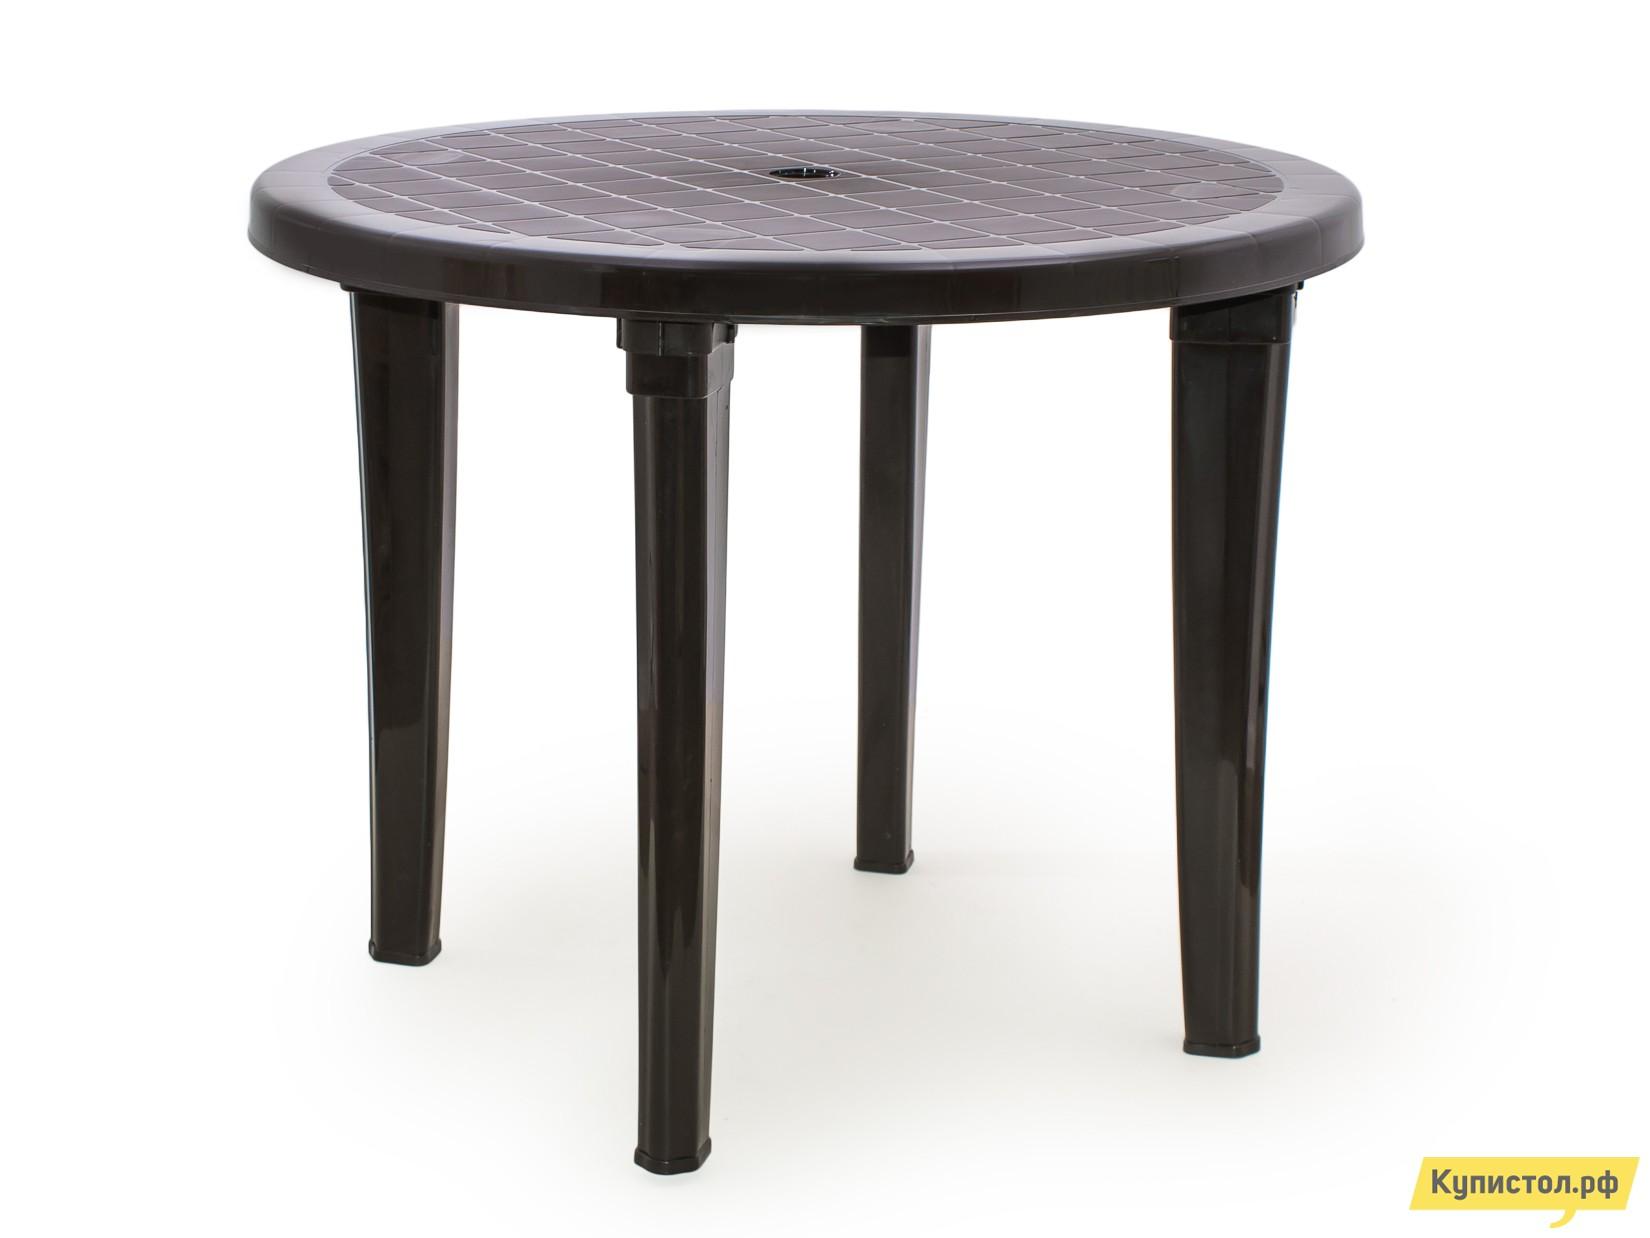 Пластиковый стол ЭЛП Стол круглый Шоколадный